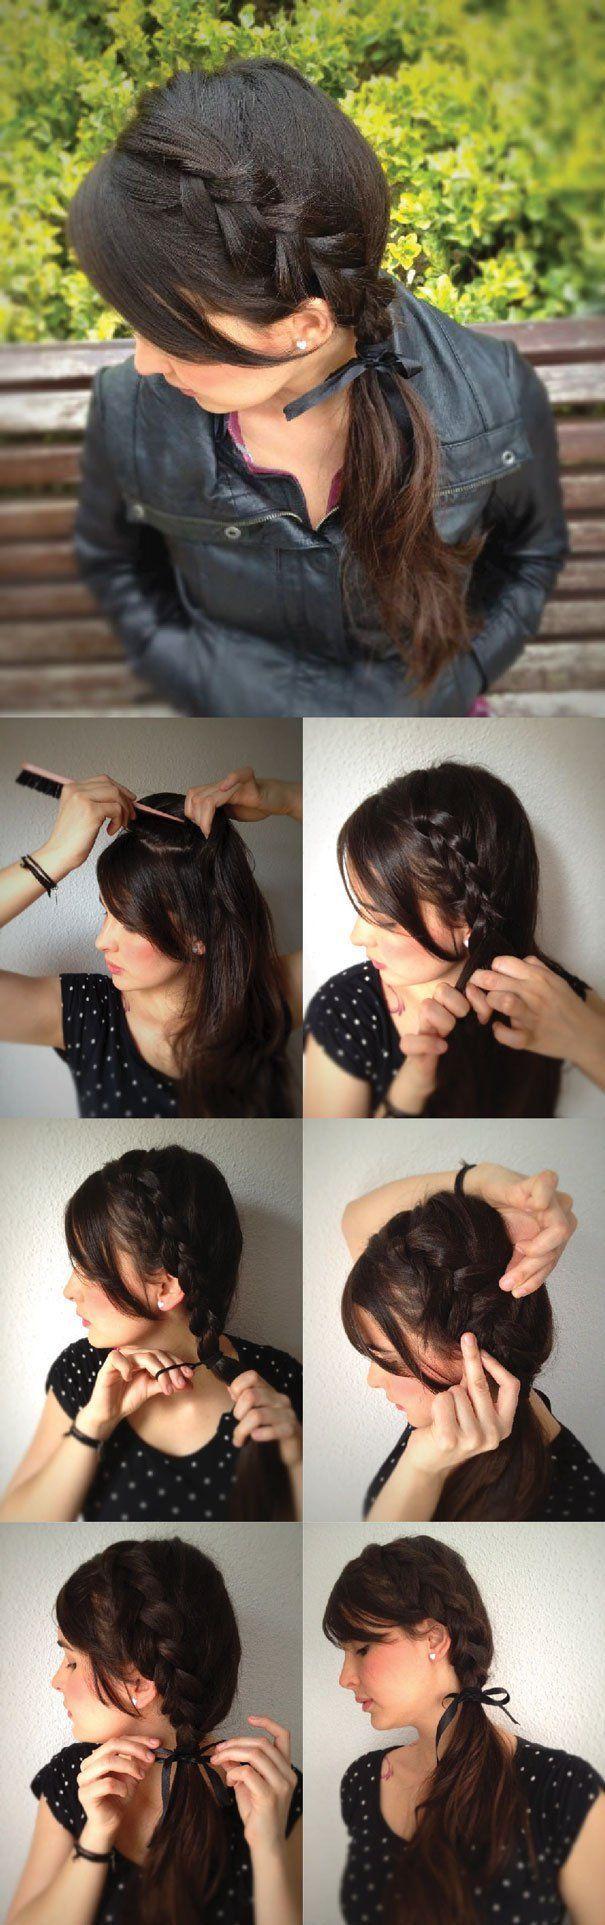 idée coiffure facile pour soirée 27 via http://ift.tt/2axo7TJ